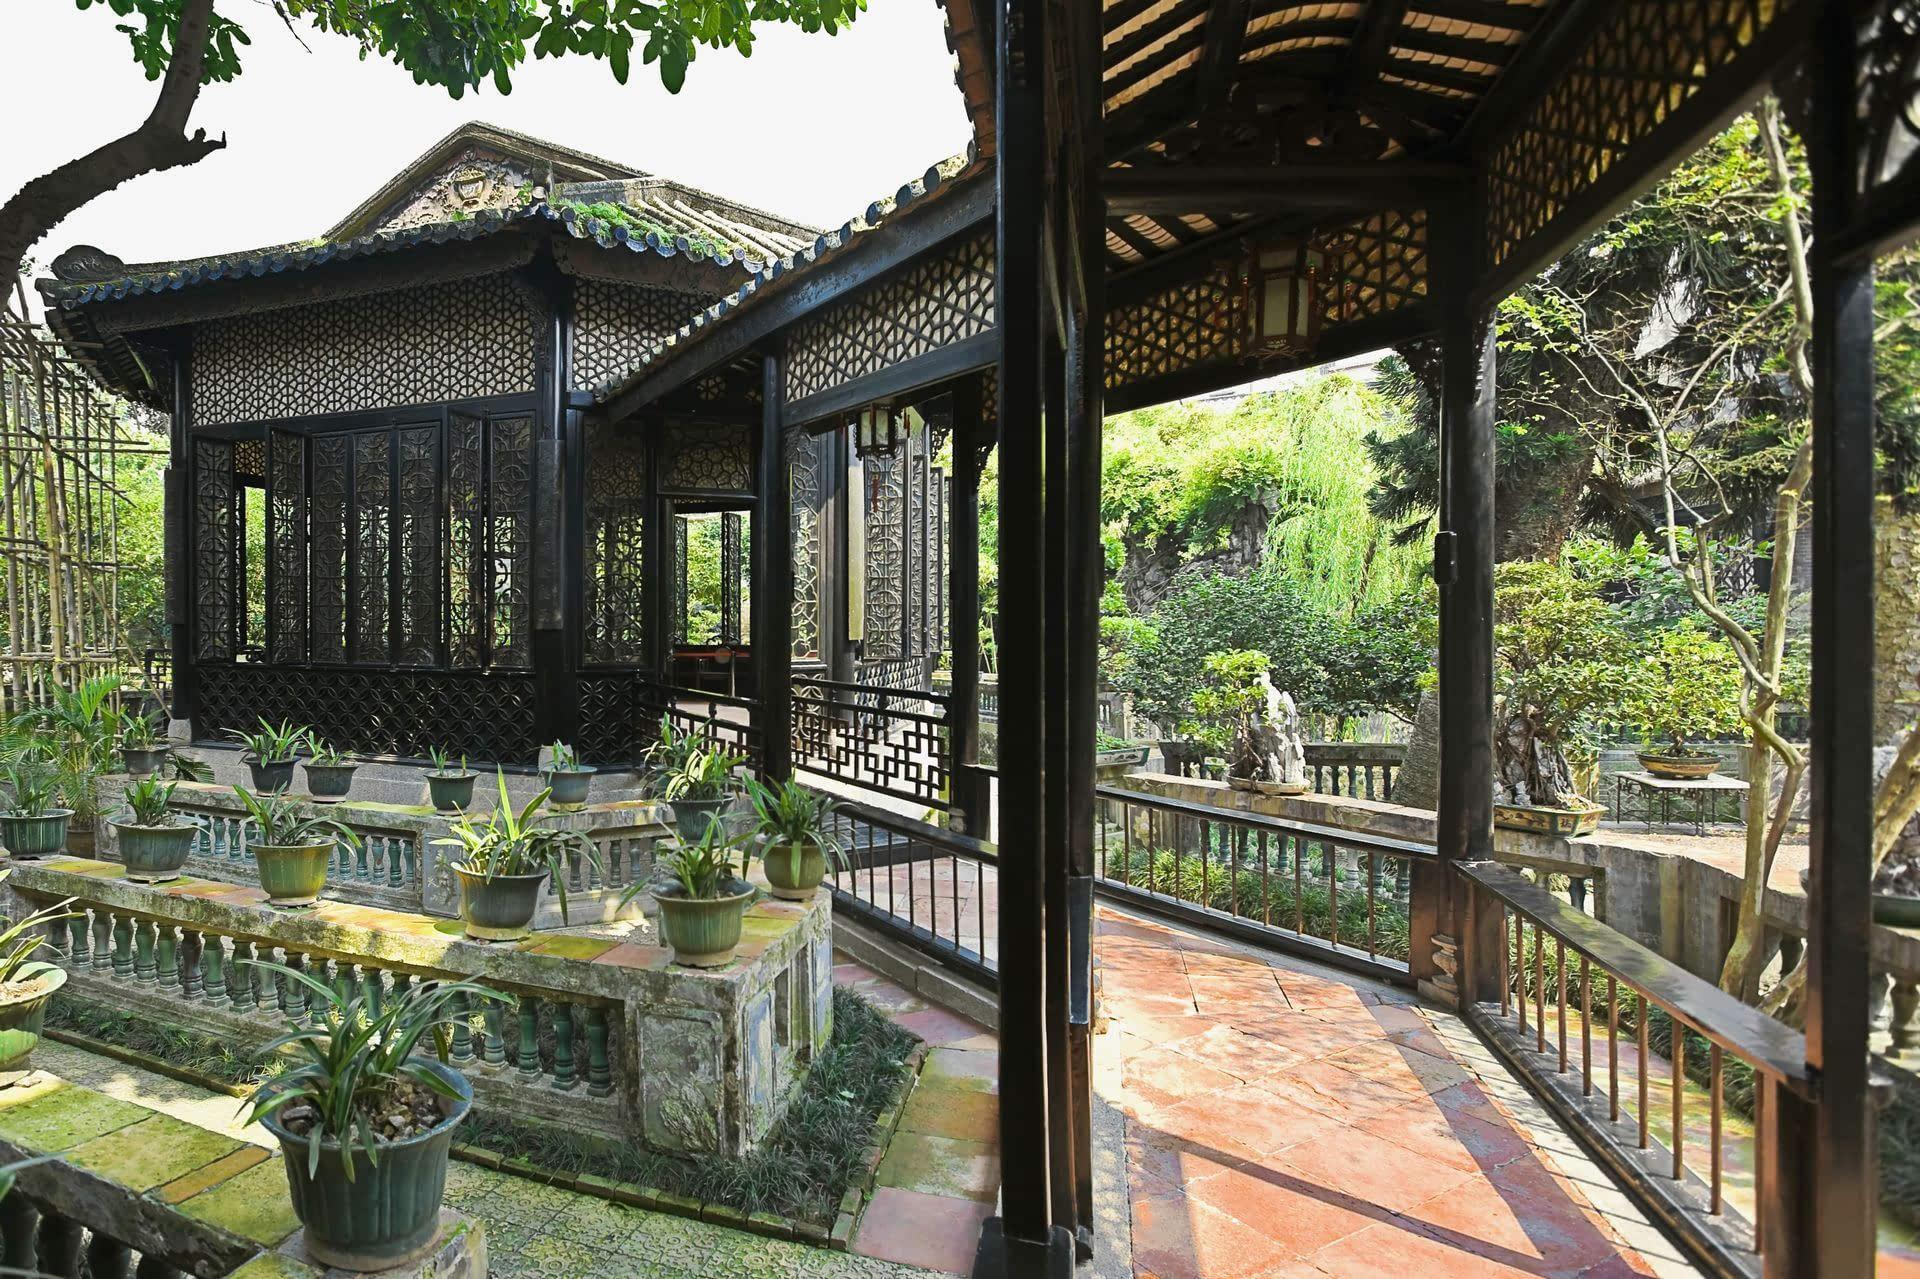 [苏州四大园林]江南园林建筑的艺术品 留园